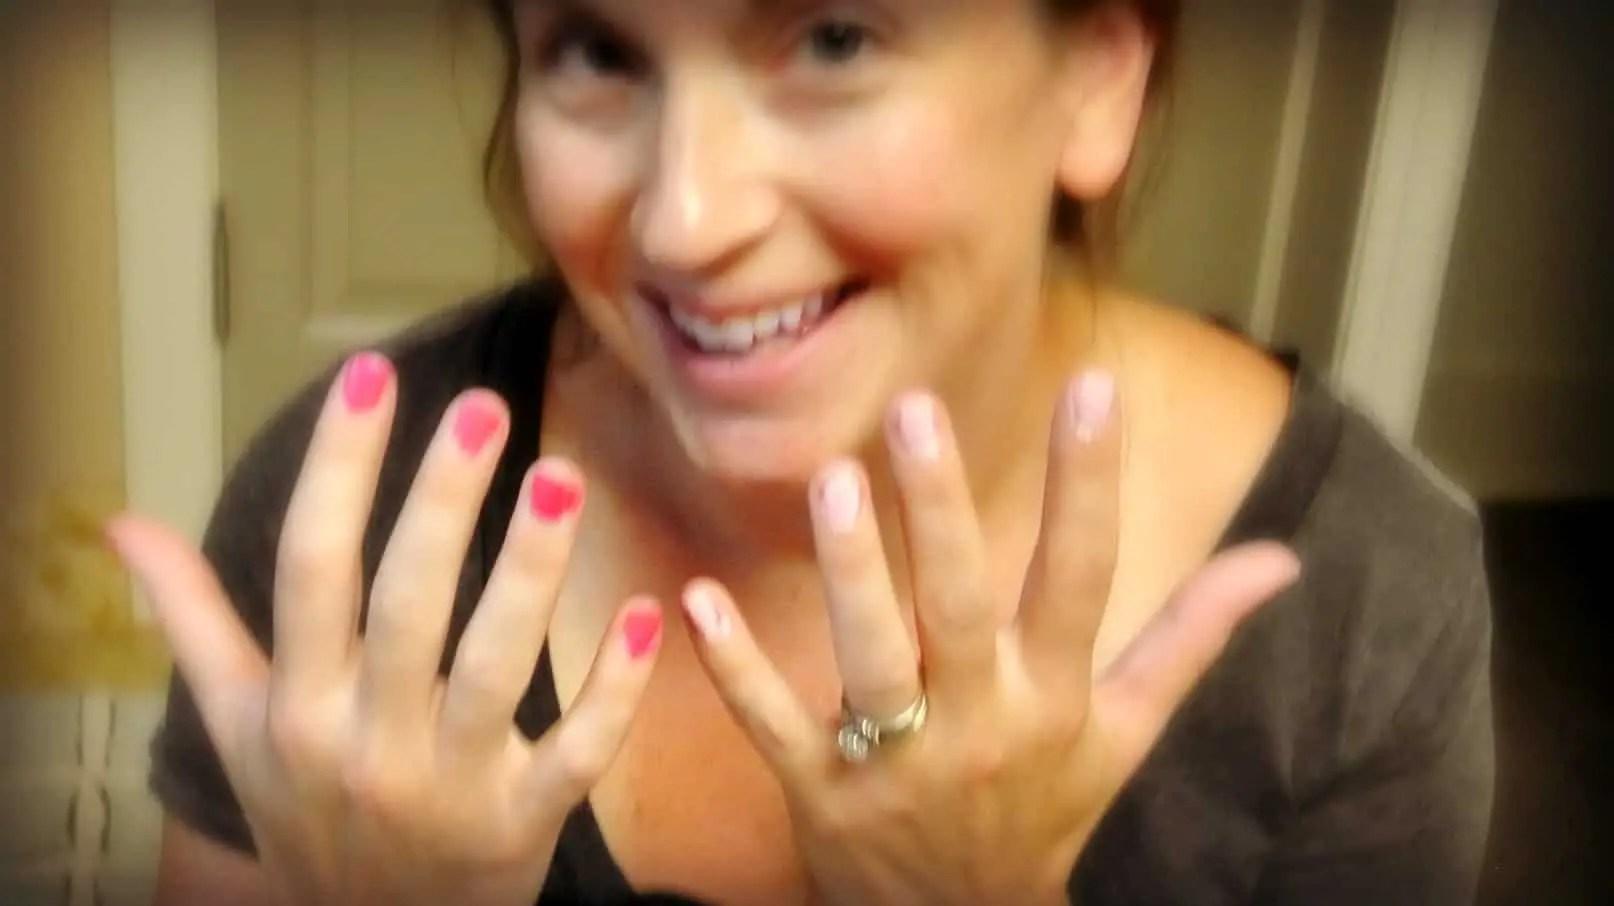 walgreens nail polish remover